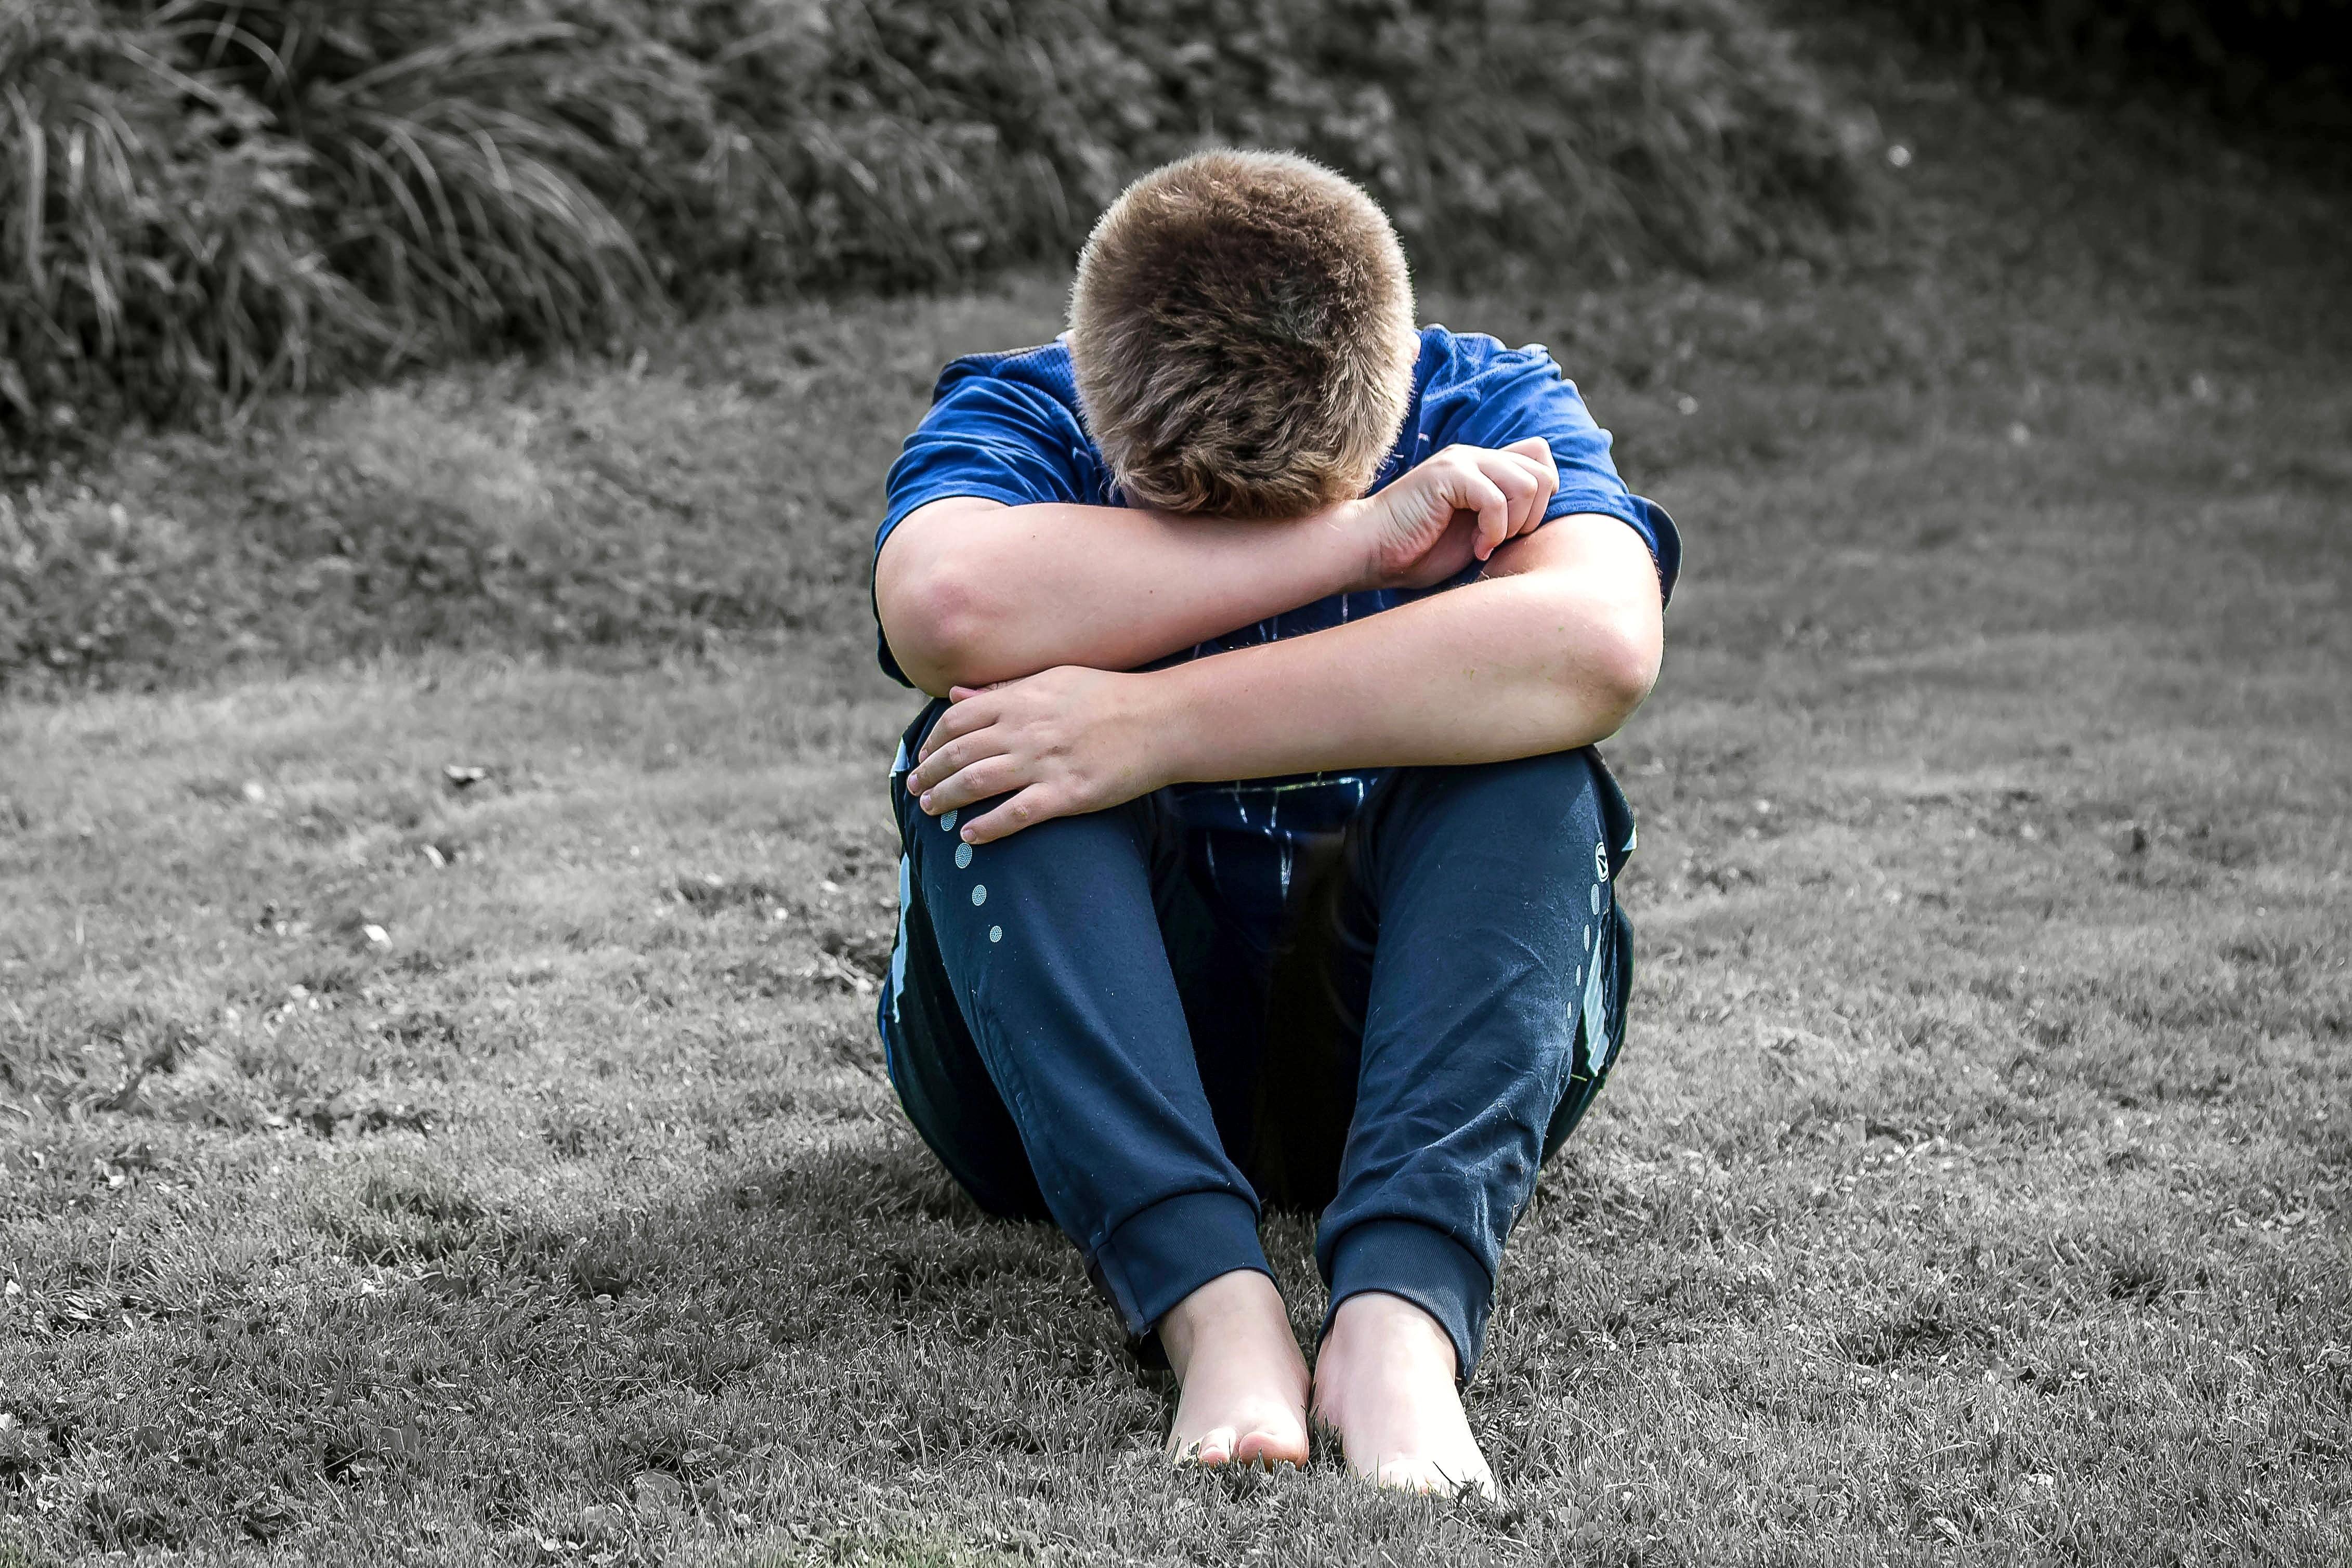 Menino sentado na grama e encolhido (Foto: Pixabay/Pexels)